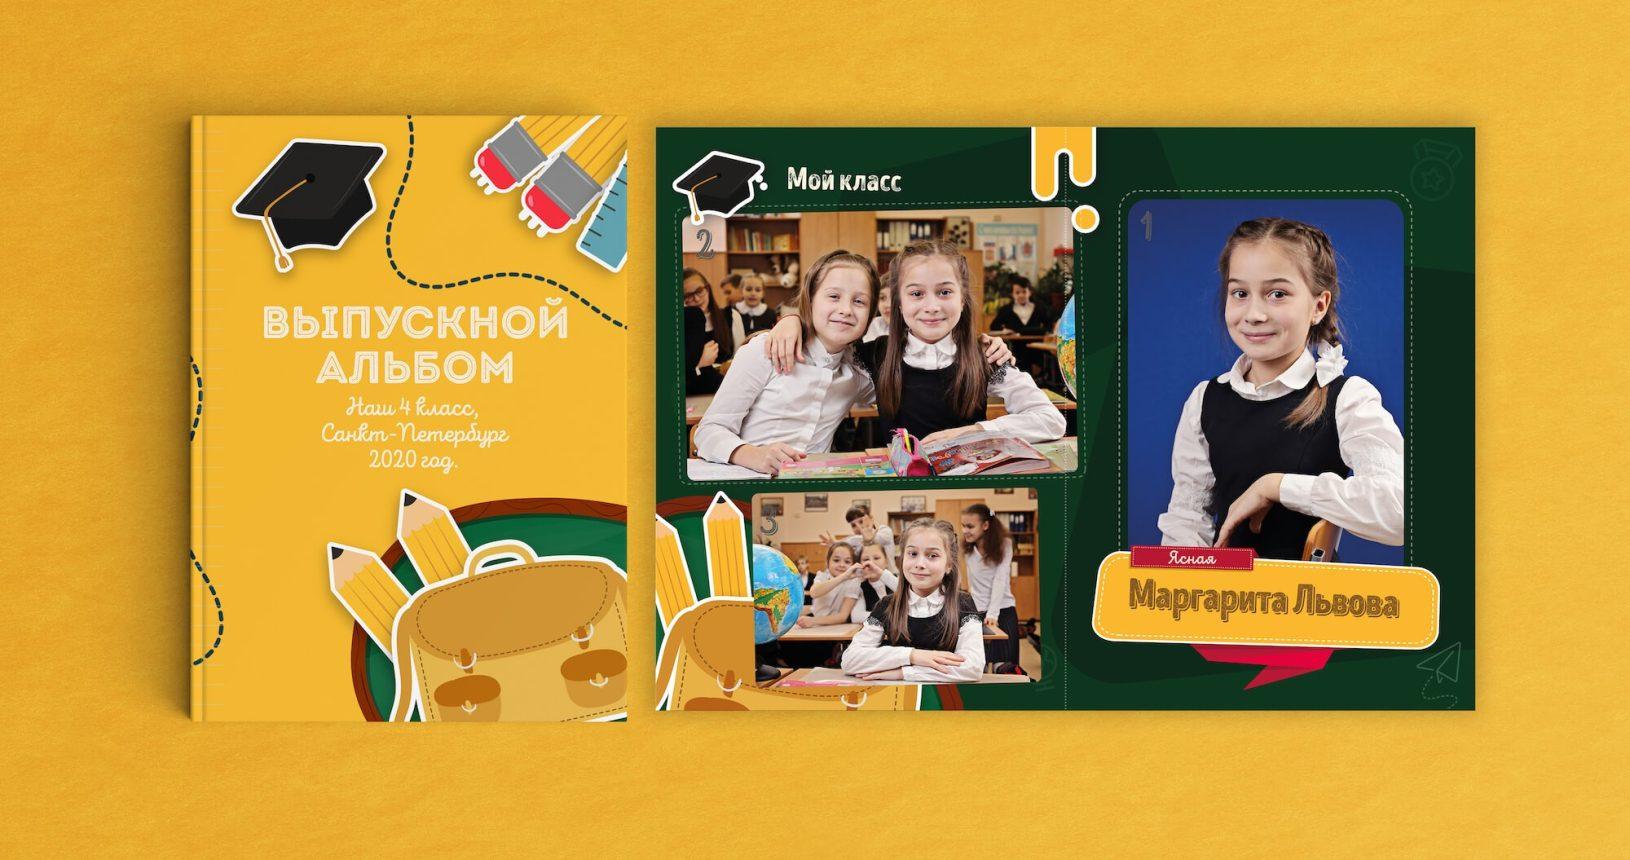 выпускной альбом солнечная школа